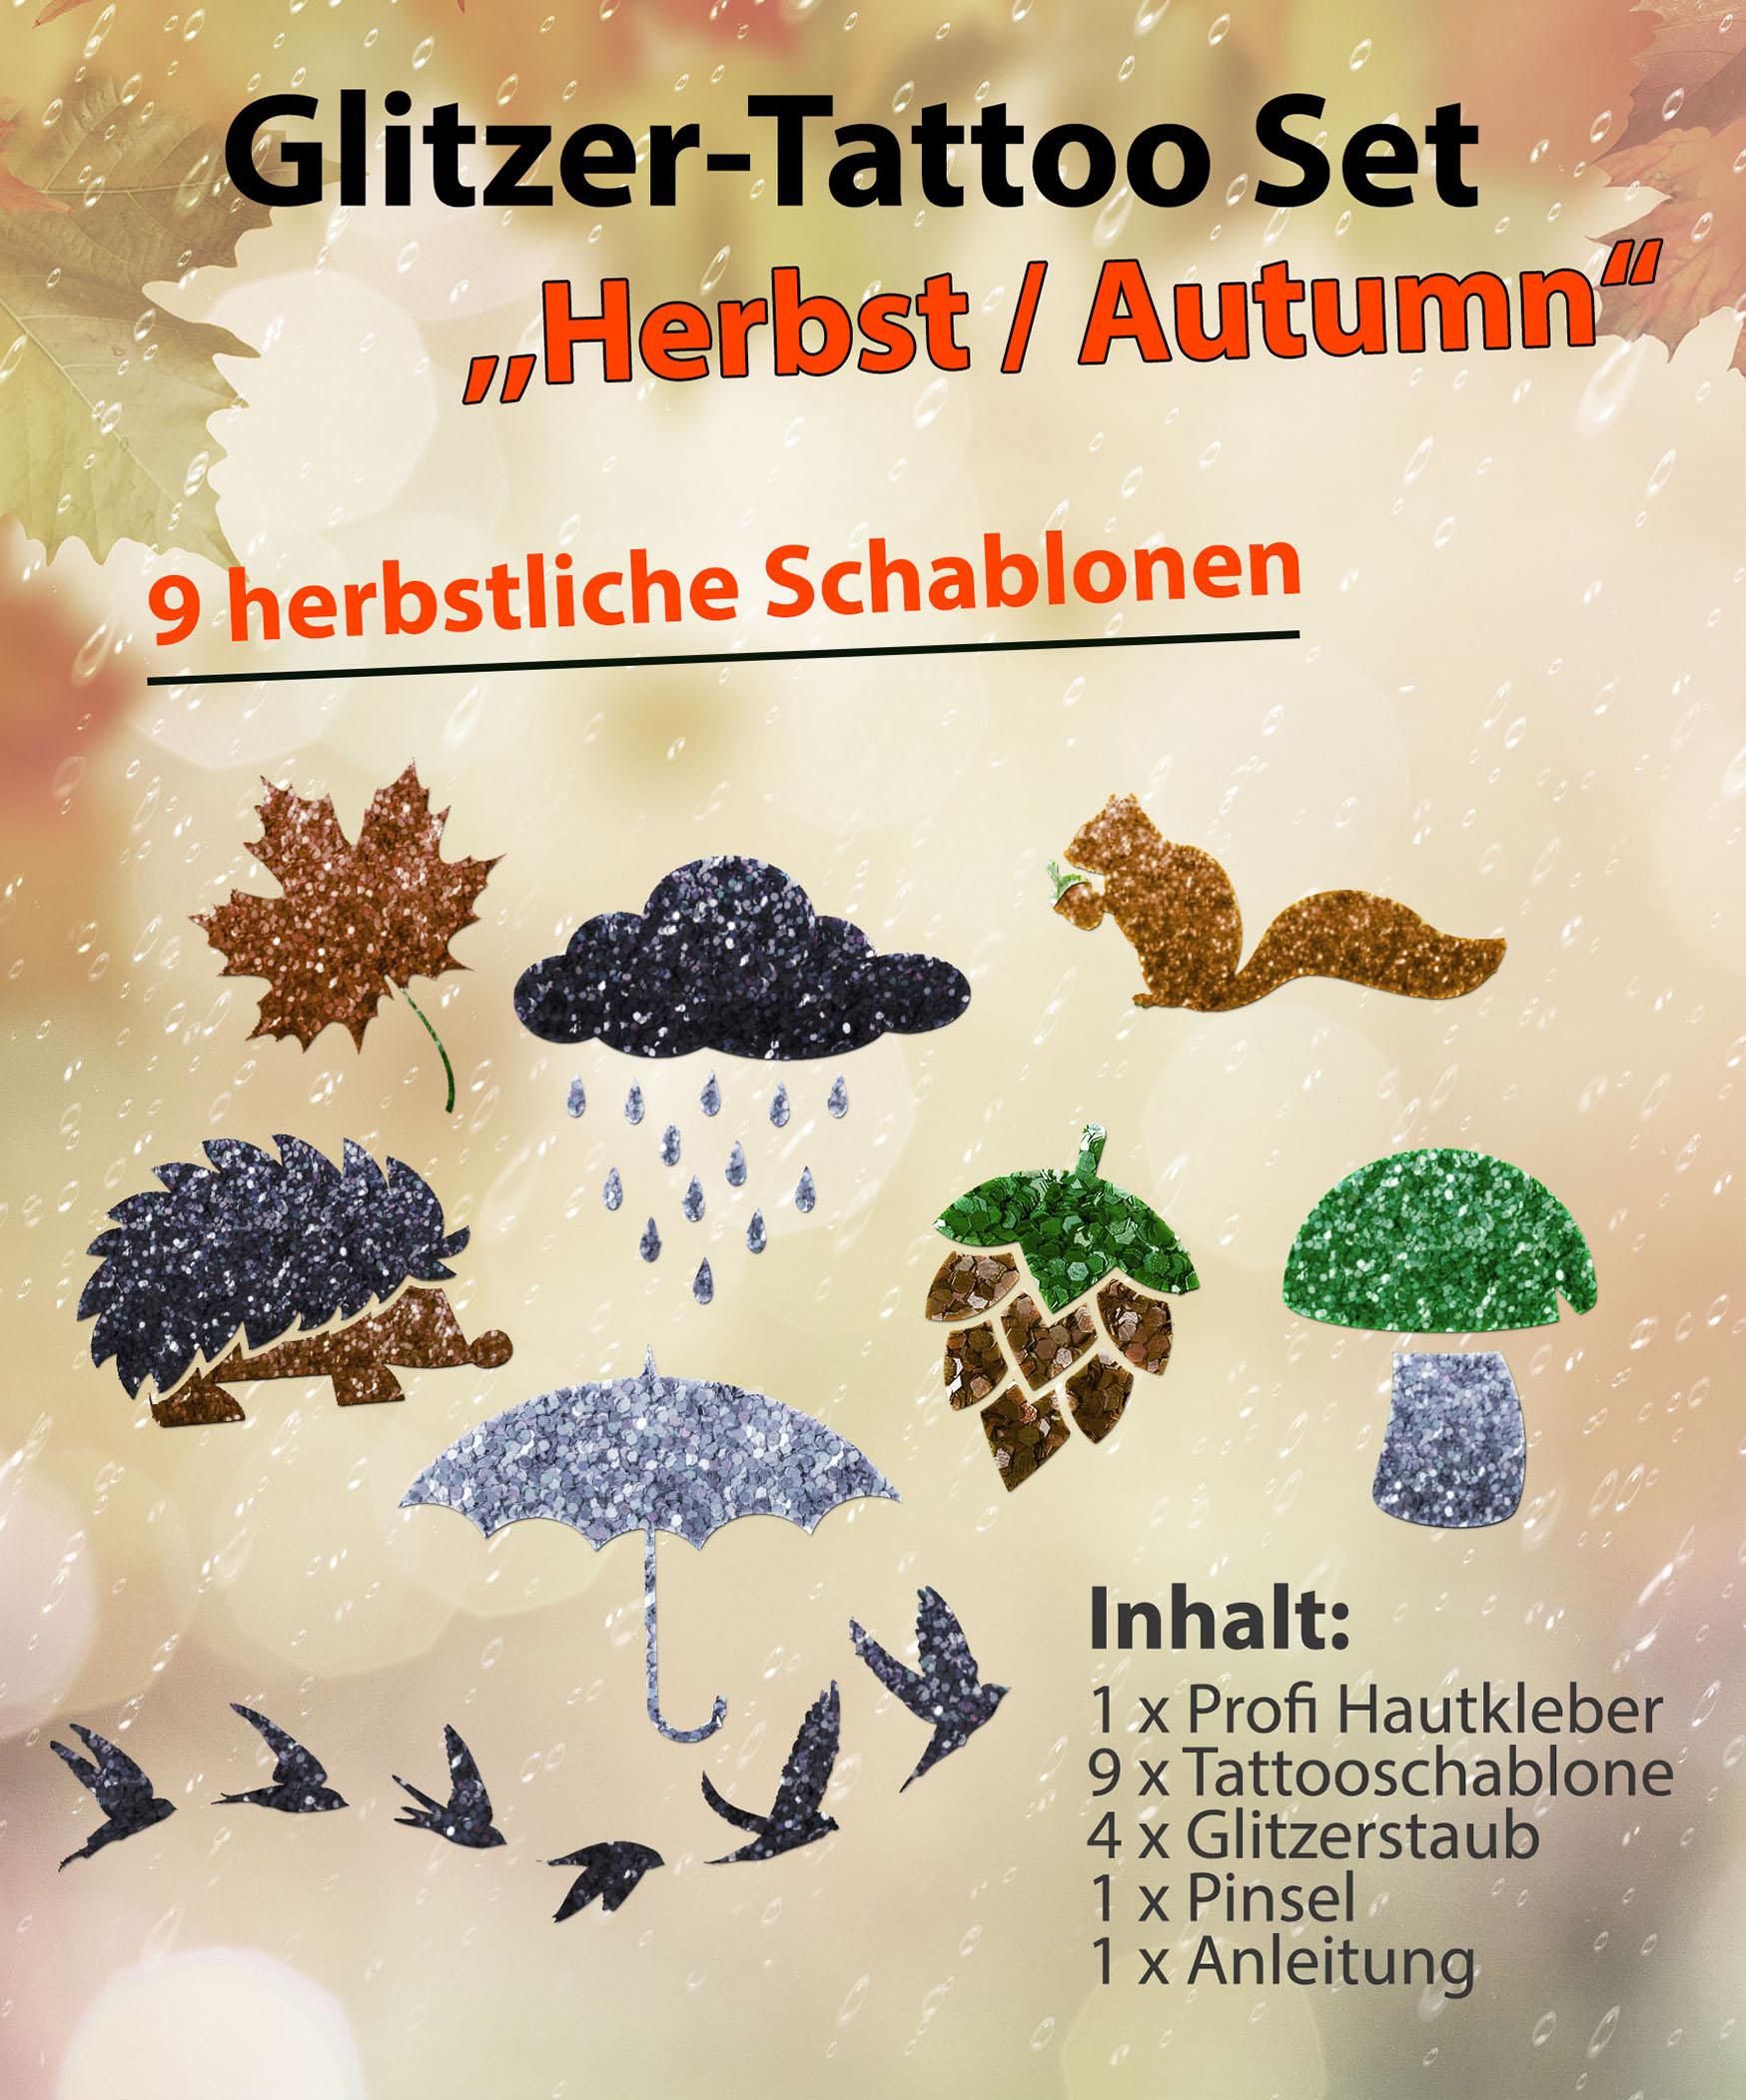 Glitzer Tattoo SET Kinder Herbst Autumn mit Profihautkleber, 1 Pinsel, 4 Glitzer, 8 Schablonen